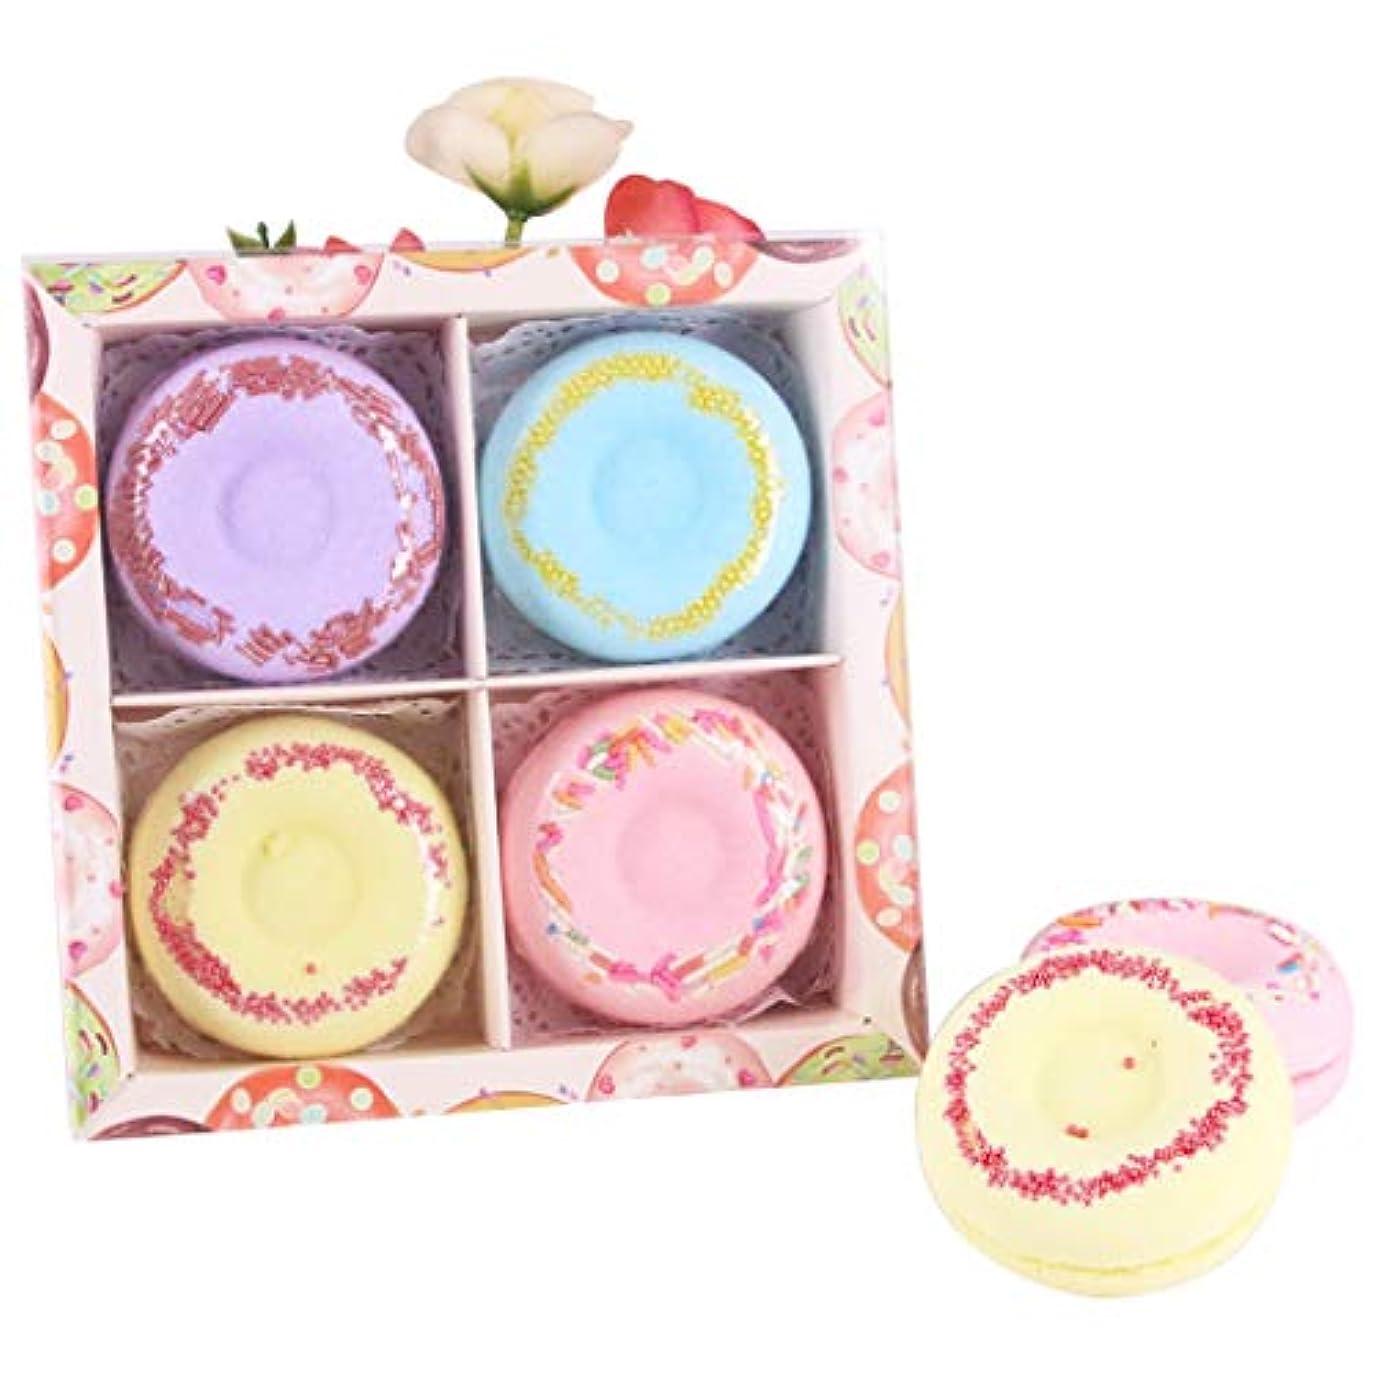 文化七面鳥テザーFunpa 4枚セット 入浴剤 入浴ボール ドーナツ型 可愛い 精油 香り残す バレンタインデー 彼女のプレゼント お風呂用